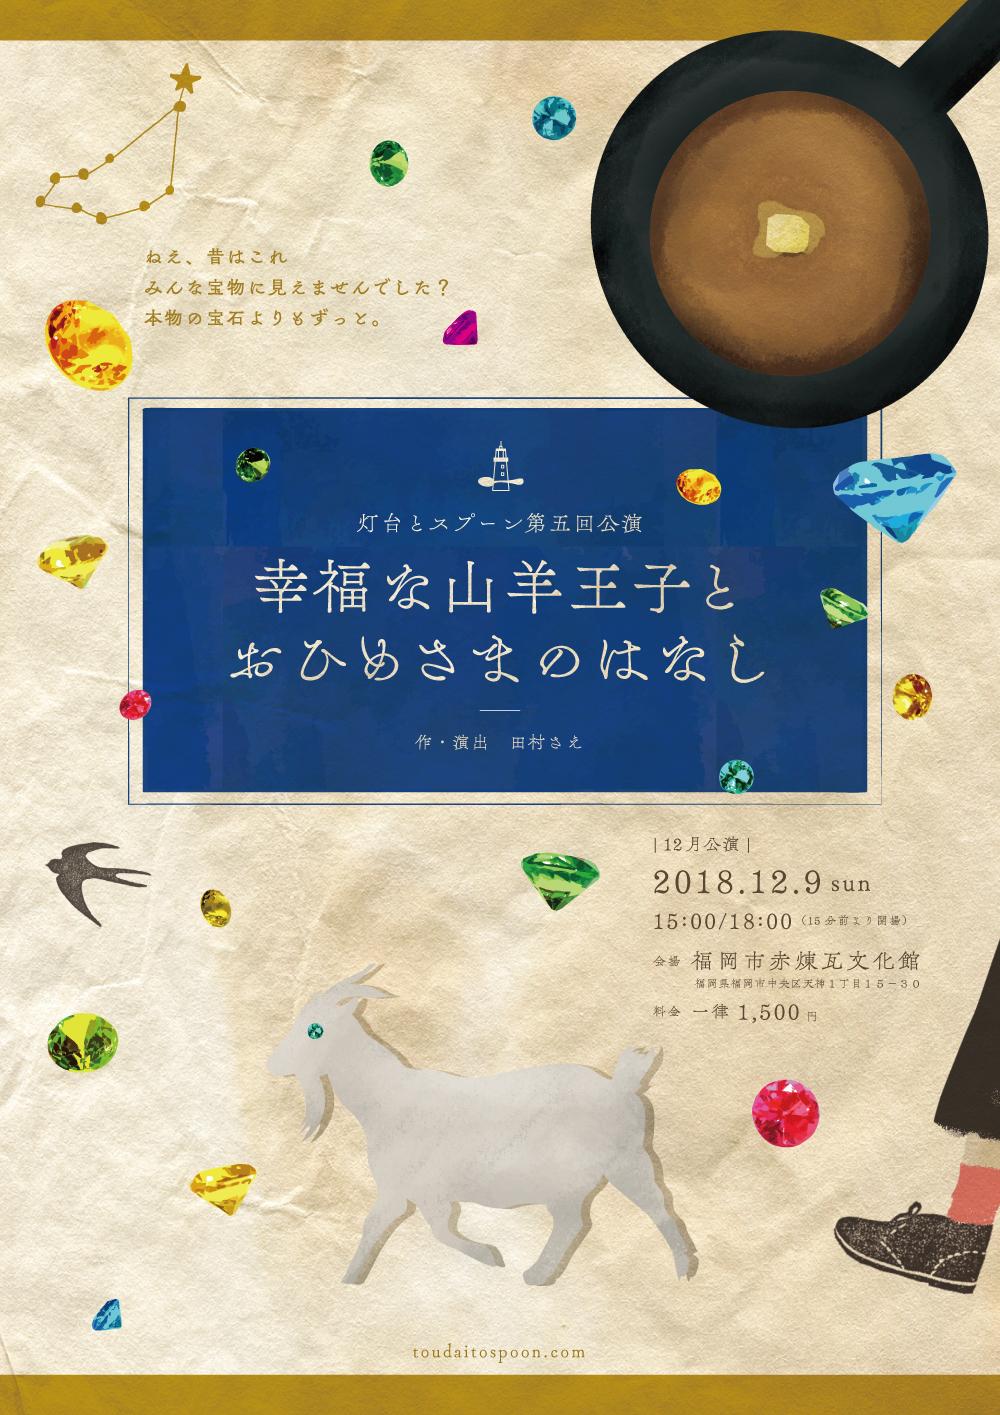 第五回公演「幸福な山羊王子とおひめさまのはなし」(12月公演)